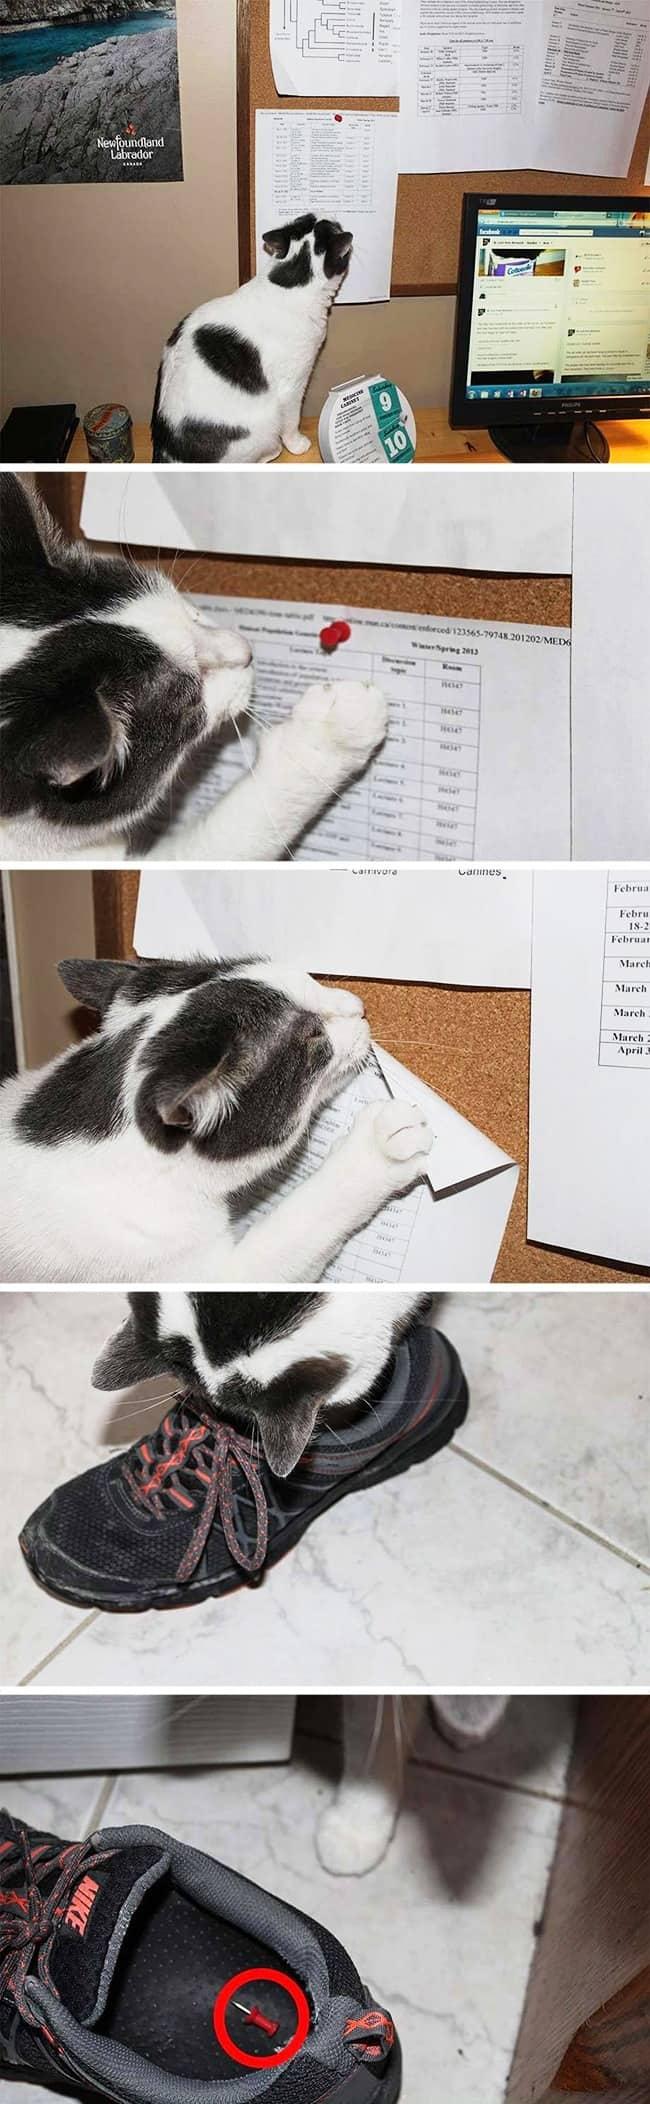 cat_gets_revenge